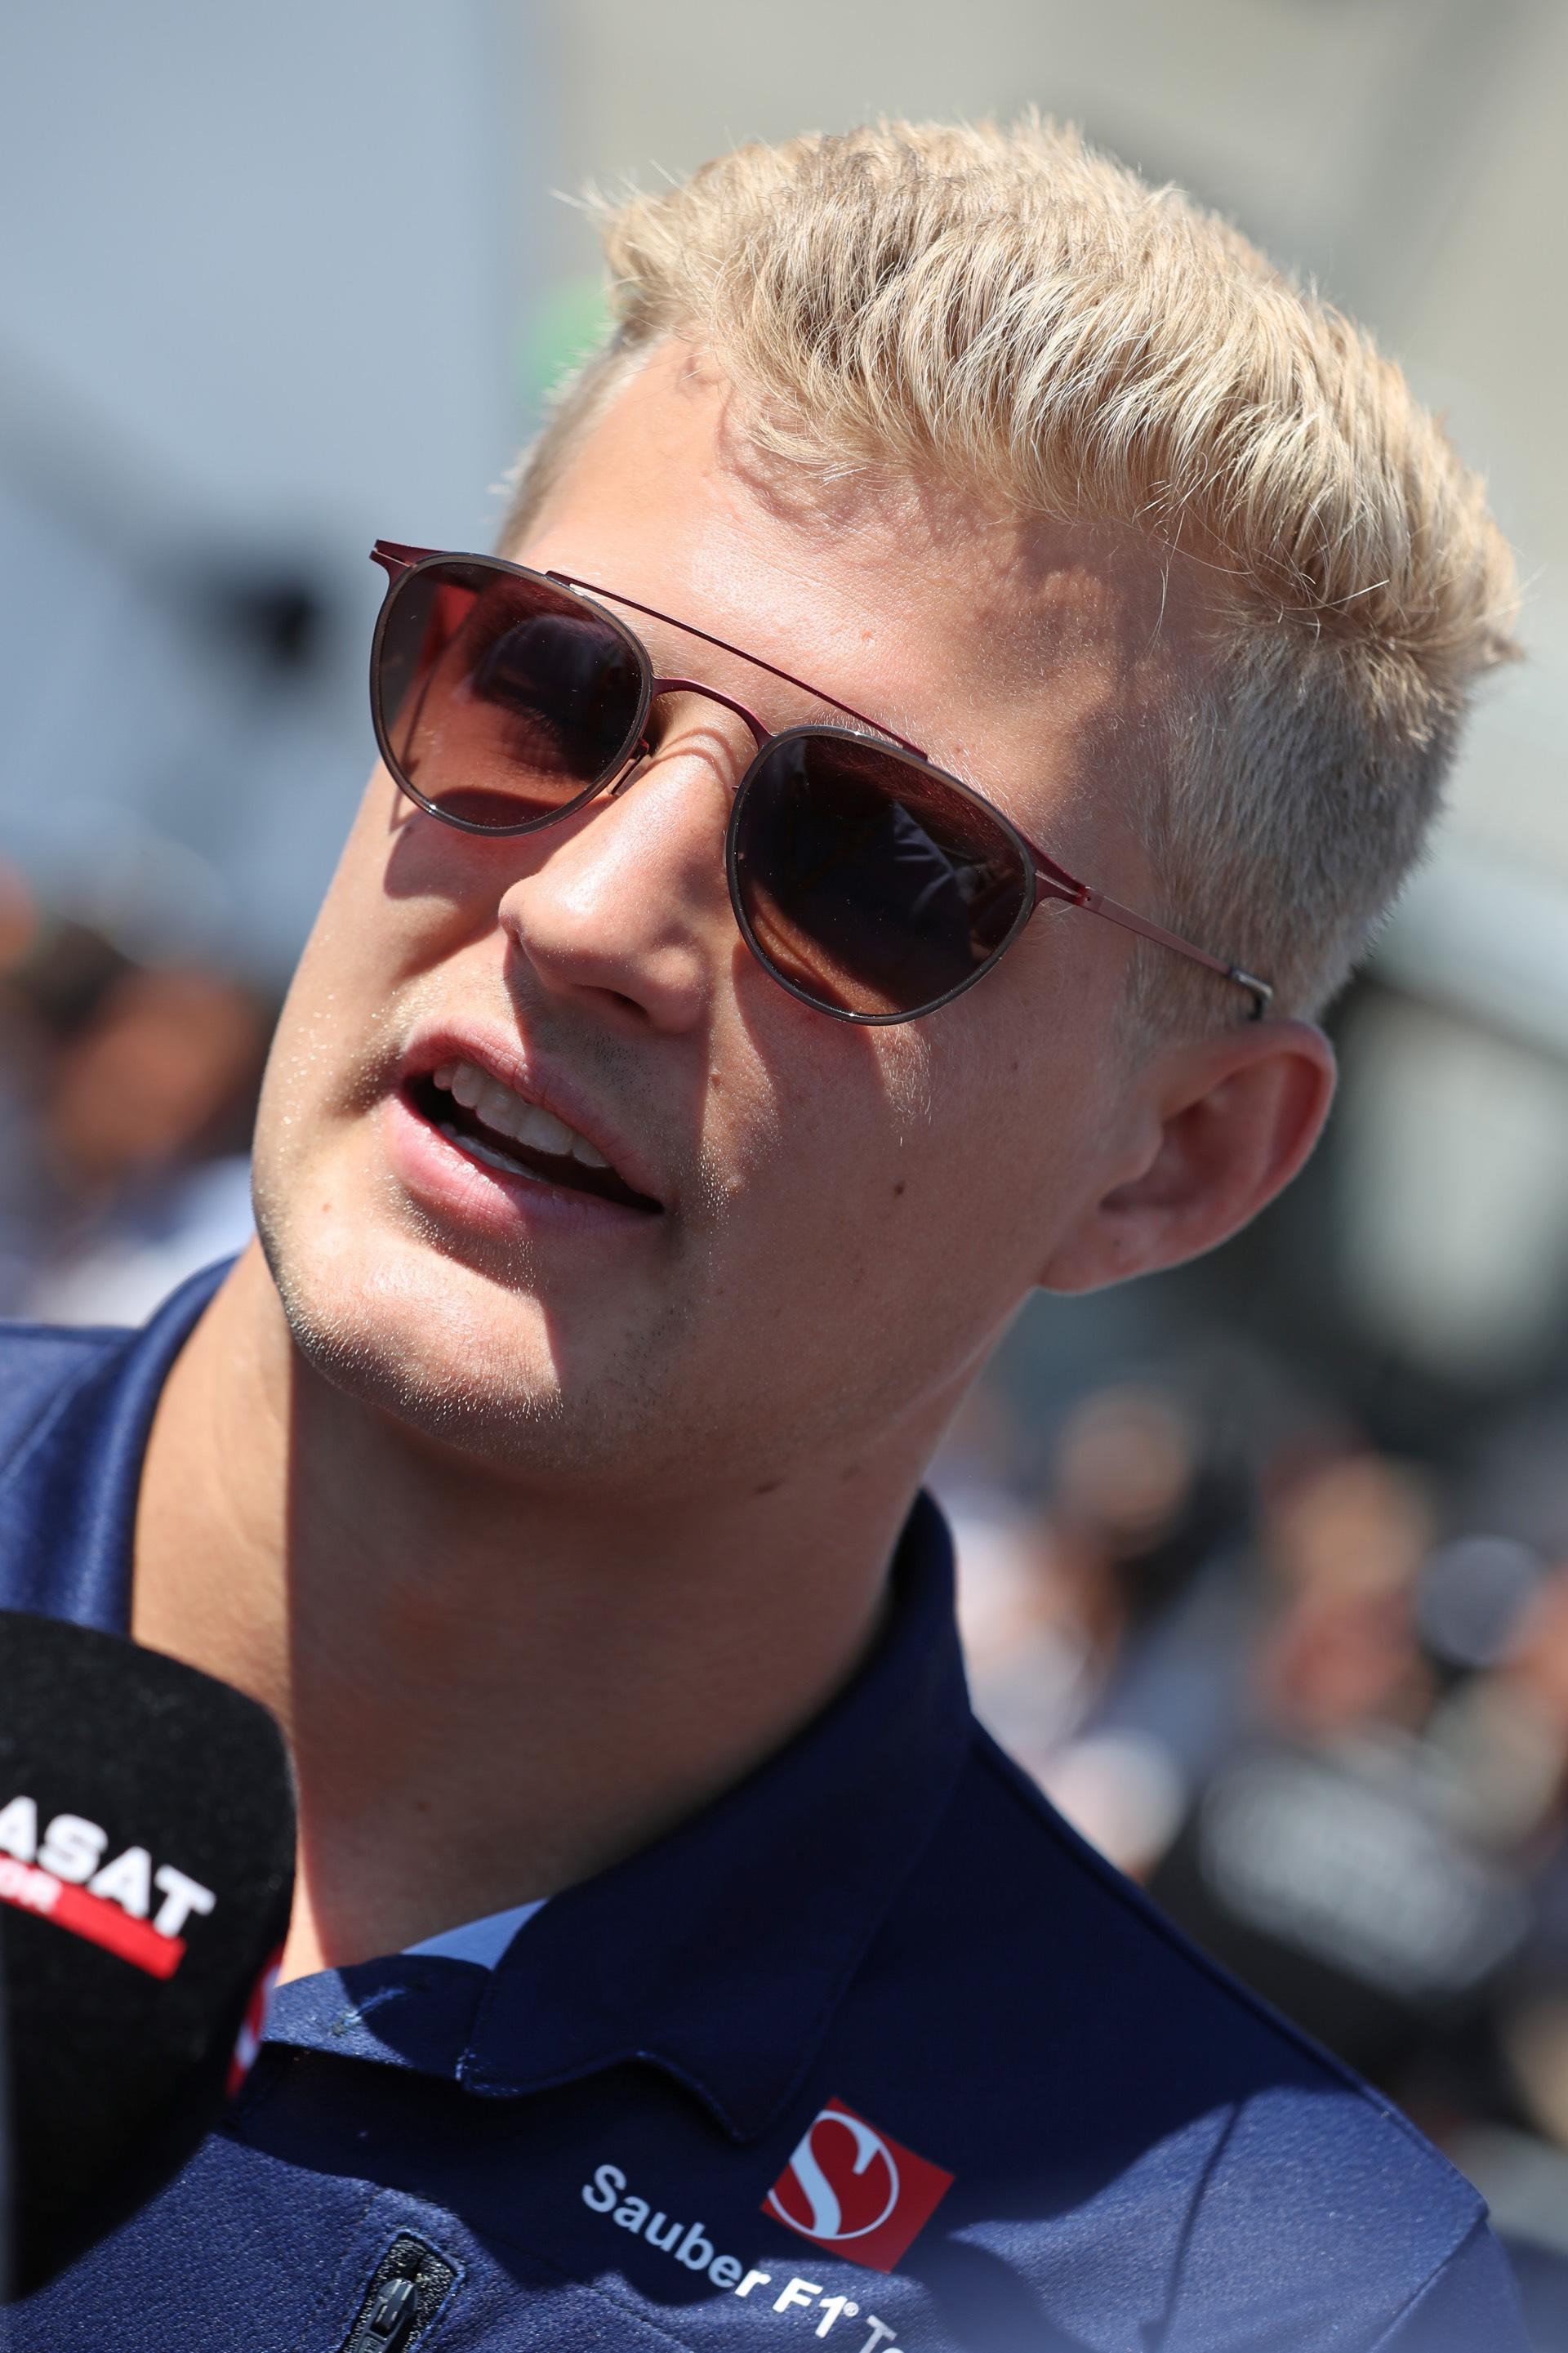 Canadian GP Thursday 08/06/17